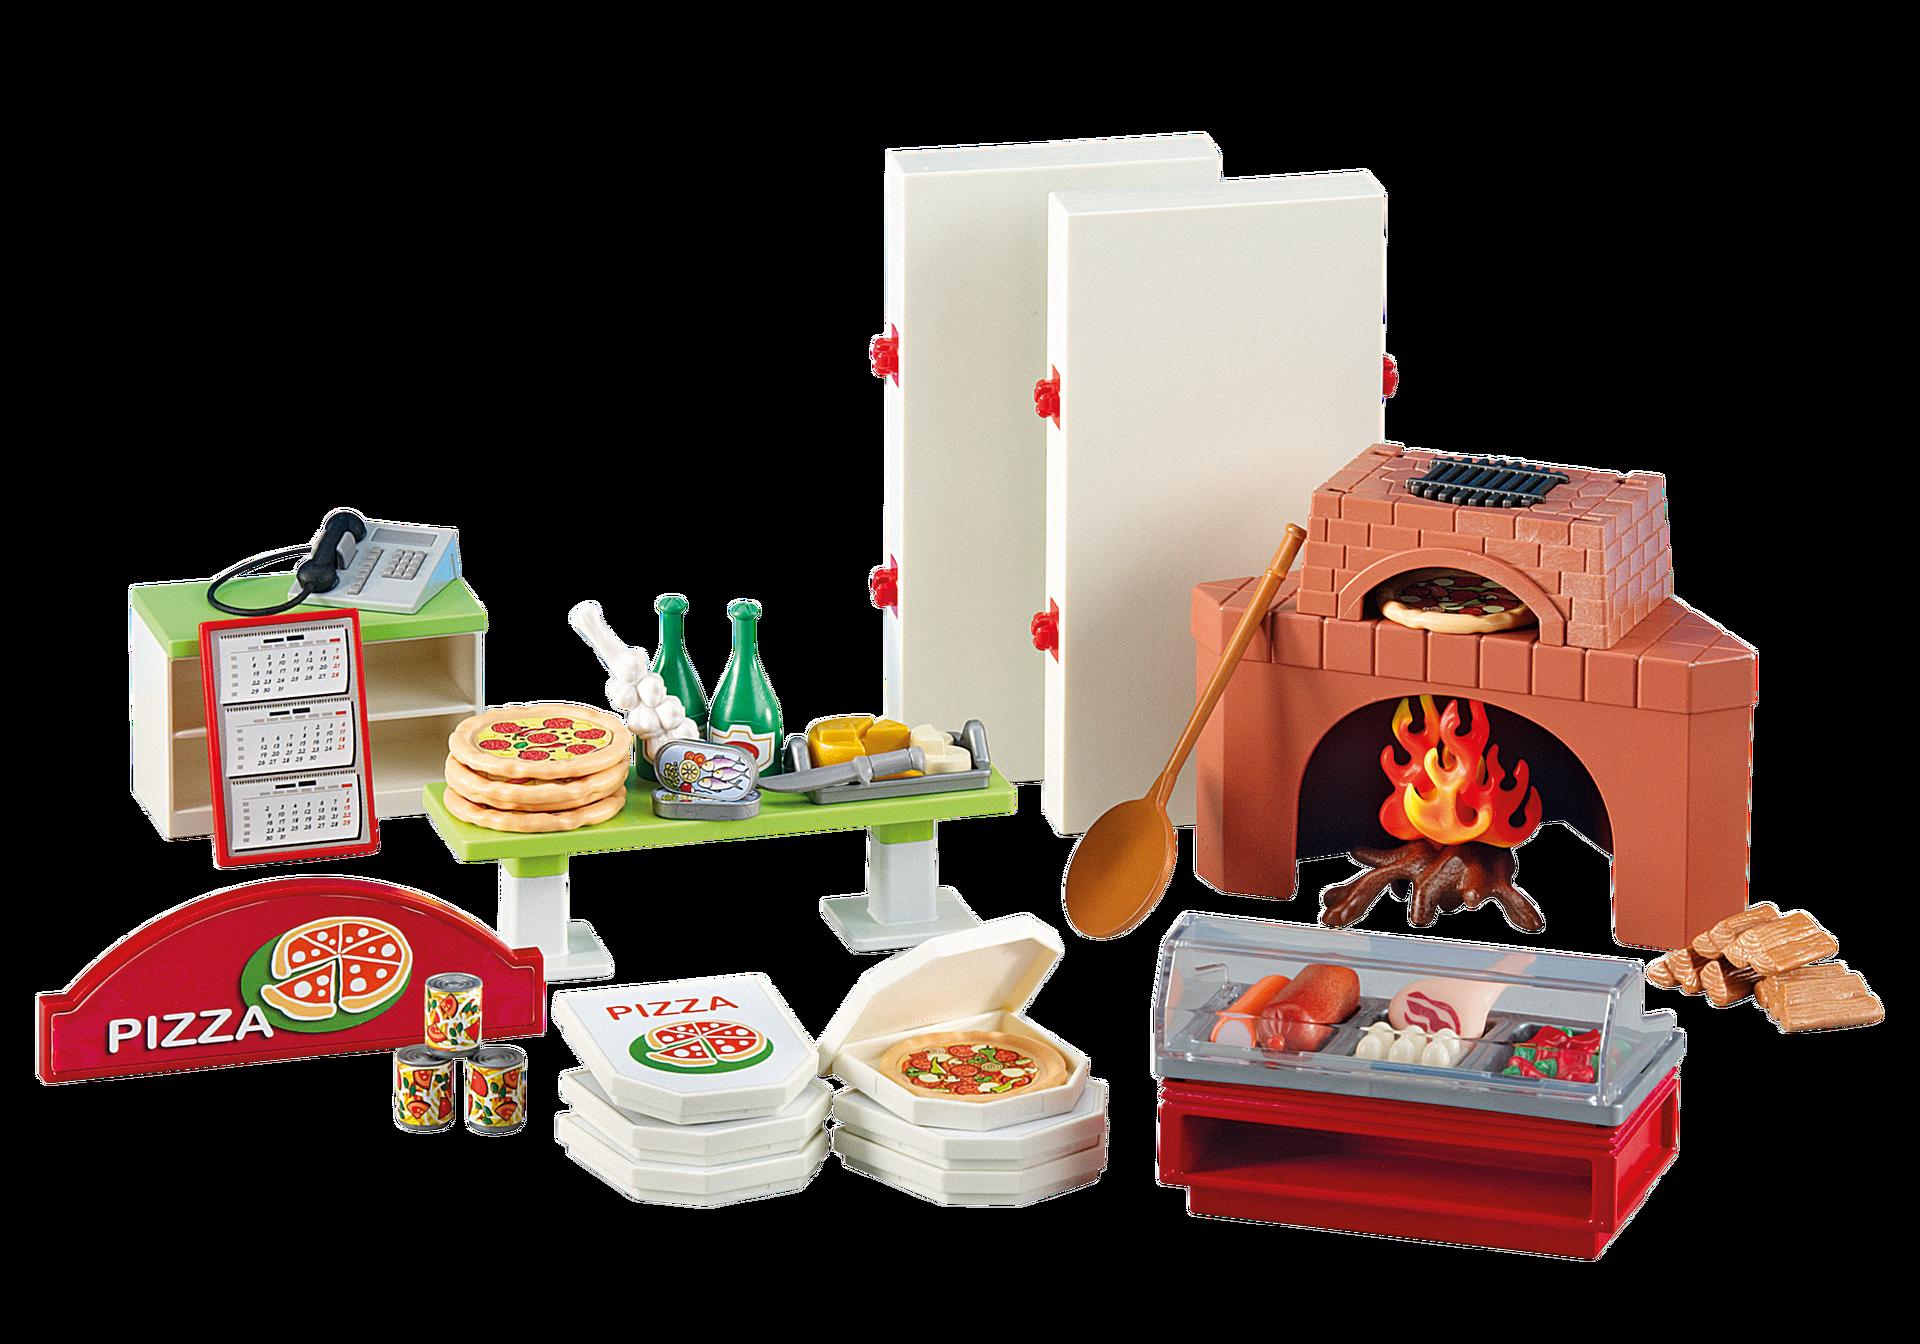 pizzeria  6291  playmobil® united kingdom